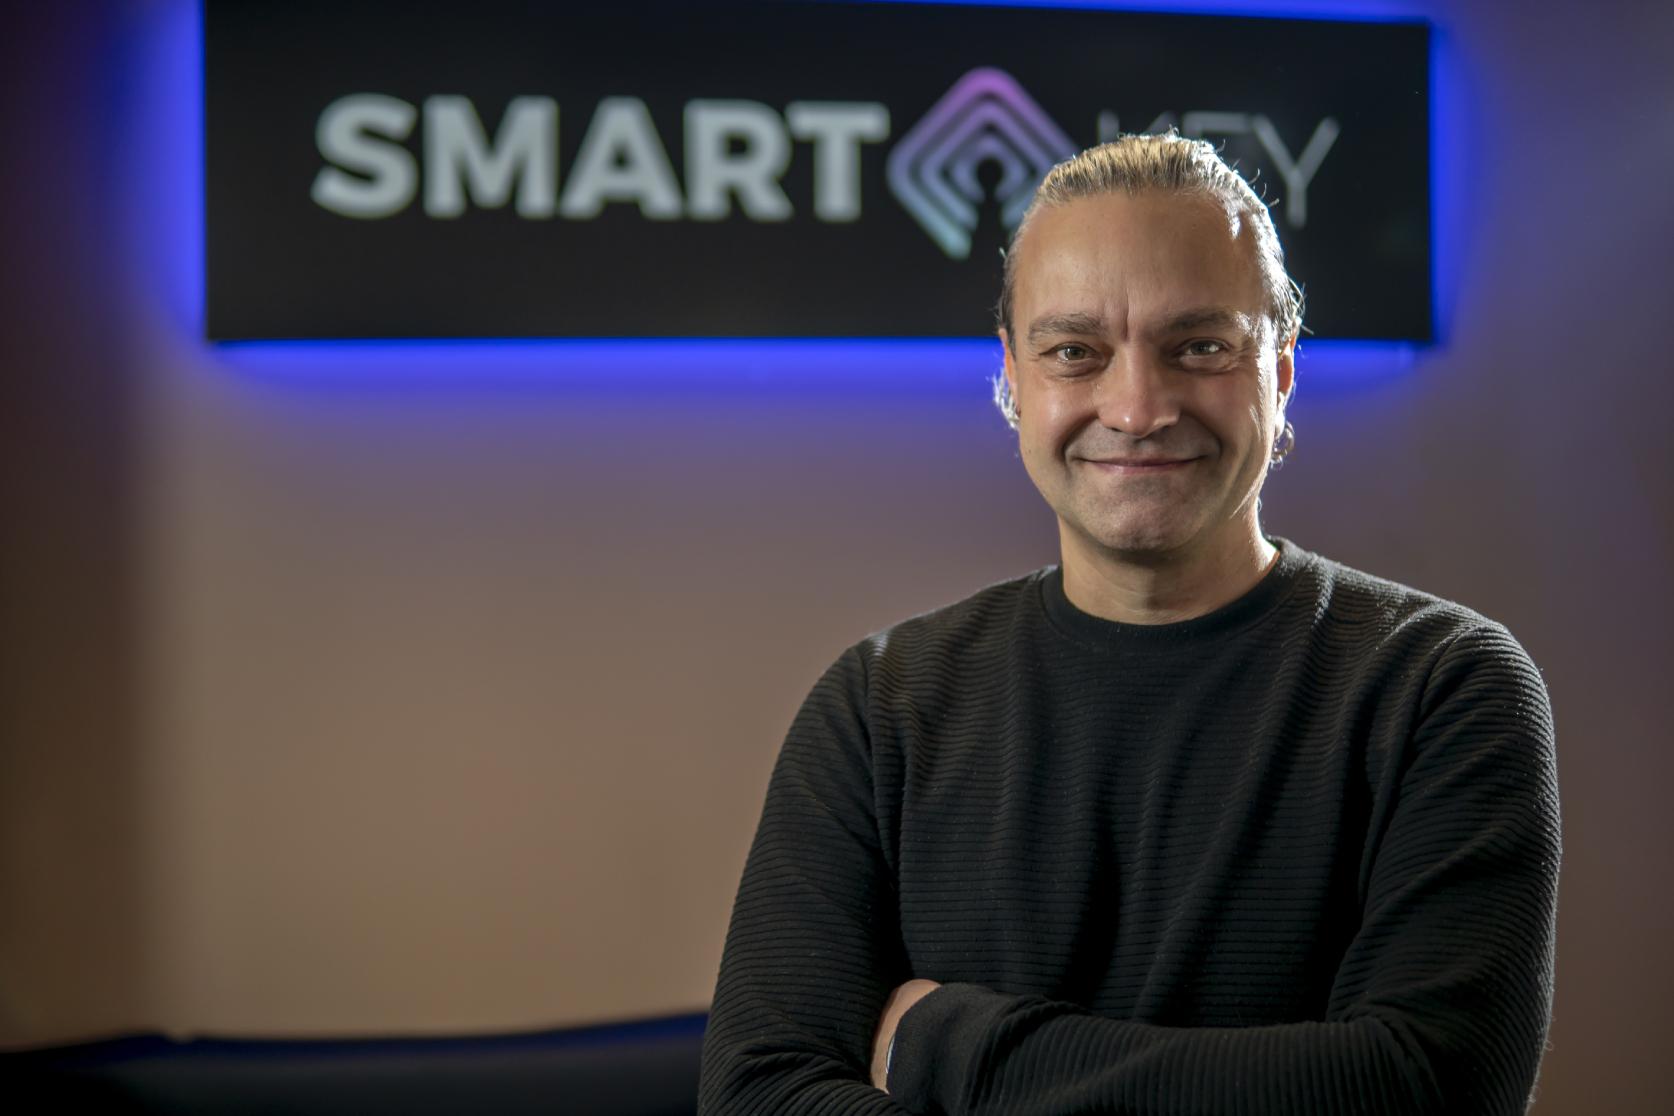 Szymon Fiedorowicz, CEO and co-founder of SmartKey